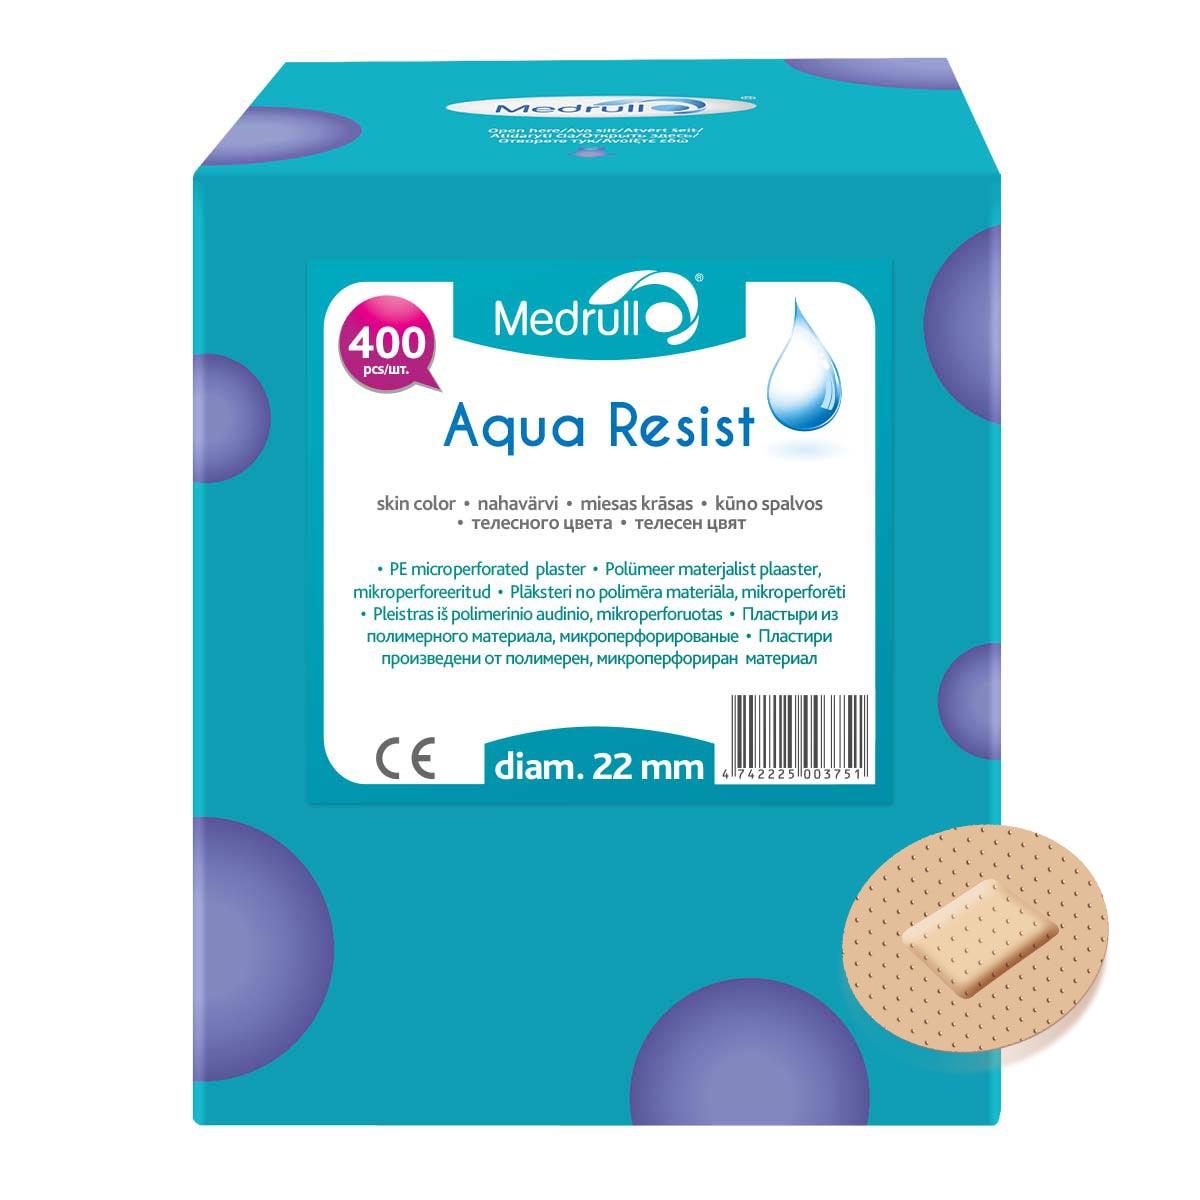 Medrull Набор пластырей Aqua Resist, диаметр 2,2 см, №4004742225003751Универсальные пластыри удобно и легко защитят рану от попадания влаги и грязи. Изготовлены из тонкого, перфорированного, полимерного материала, благодаря перфорации не препятствуют доступу воздуха к коже. Свойства пластыря: водонепроницаемые, грязенепроницаемые, гипоаллергенные, эластичные, дышащие, плотно прилегающие. Абсорбирующая подушечка изготовлена из вискозы и обладает высокой впитываемостью. Верхняя часть подушечки обработана полипропиленом, что защищает от вероятности прилипания пластыря к поврежденной поверхности кожи.